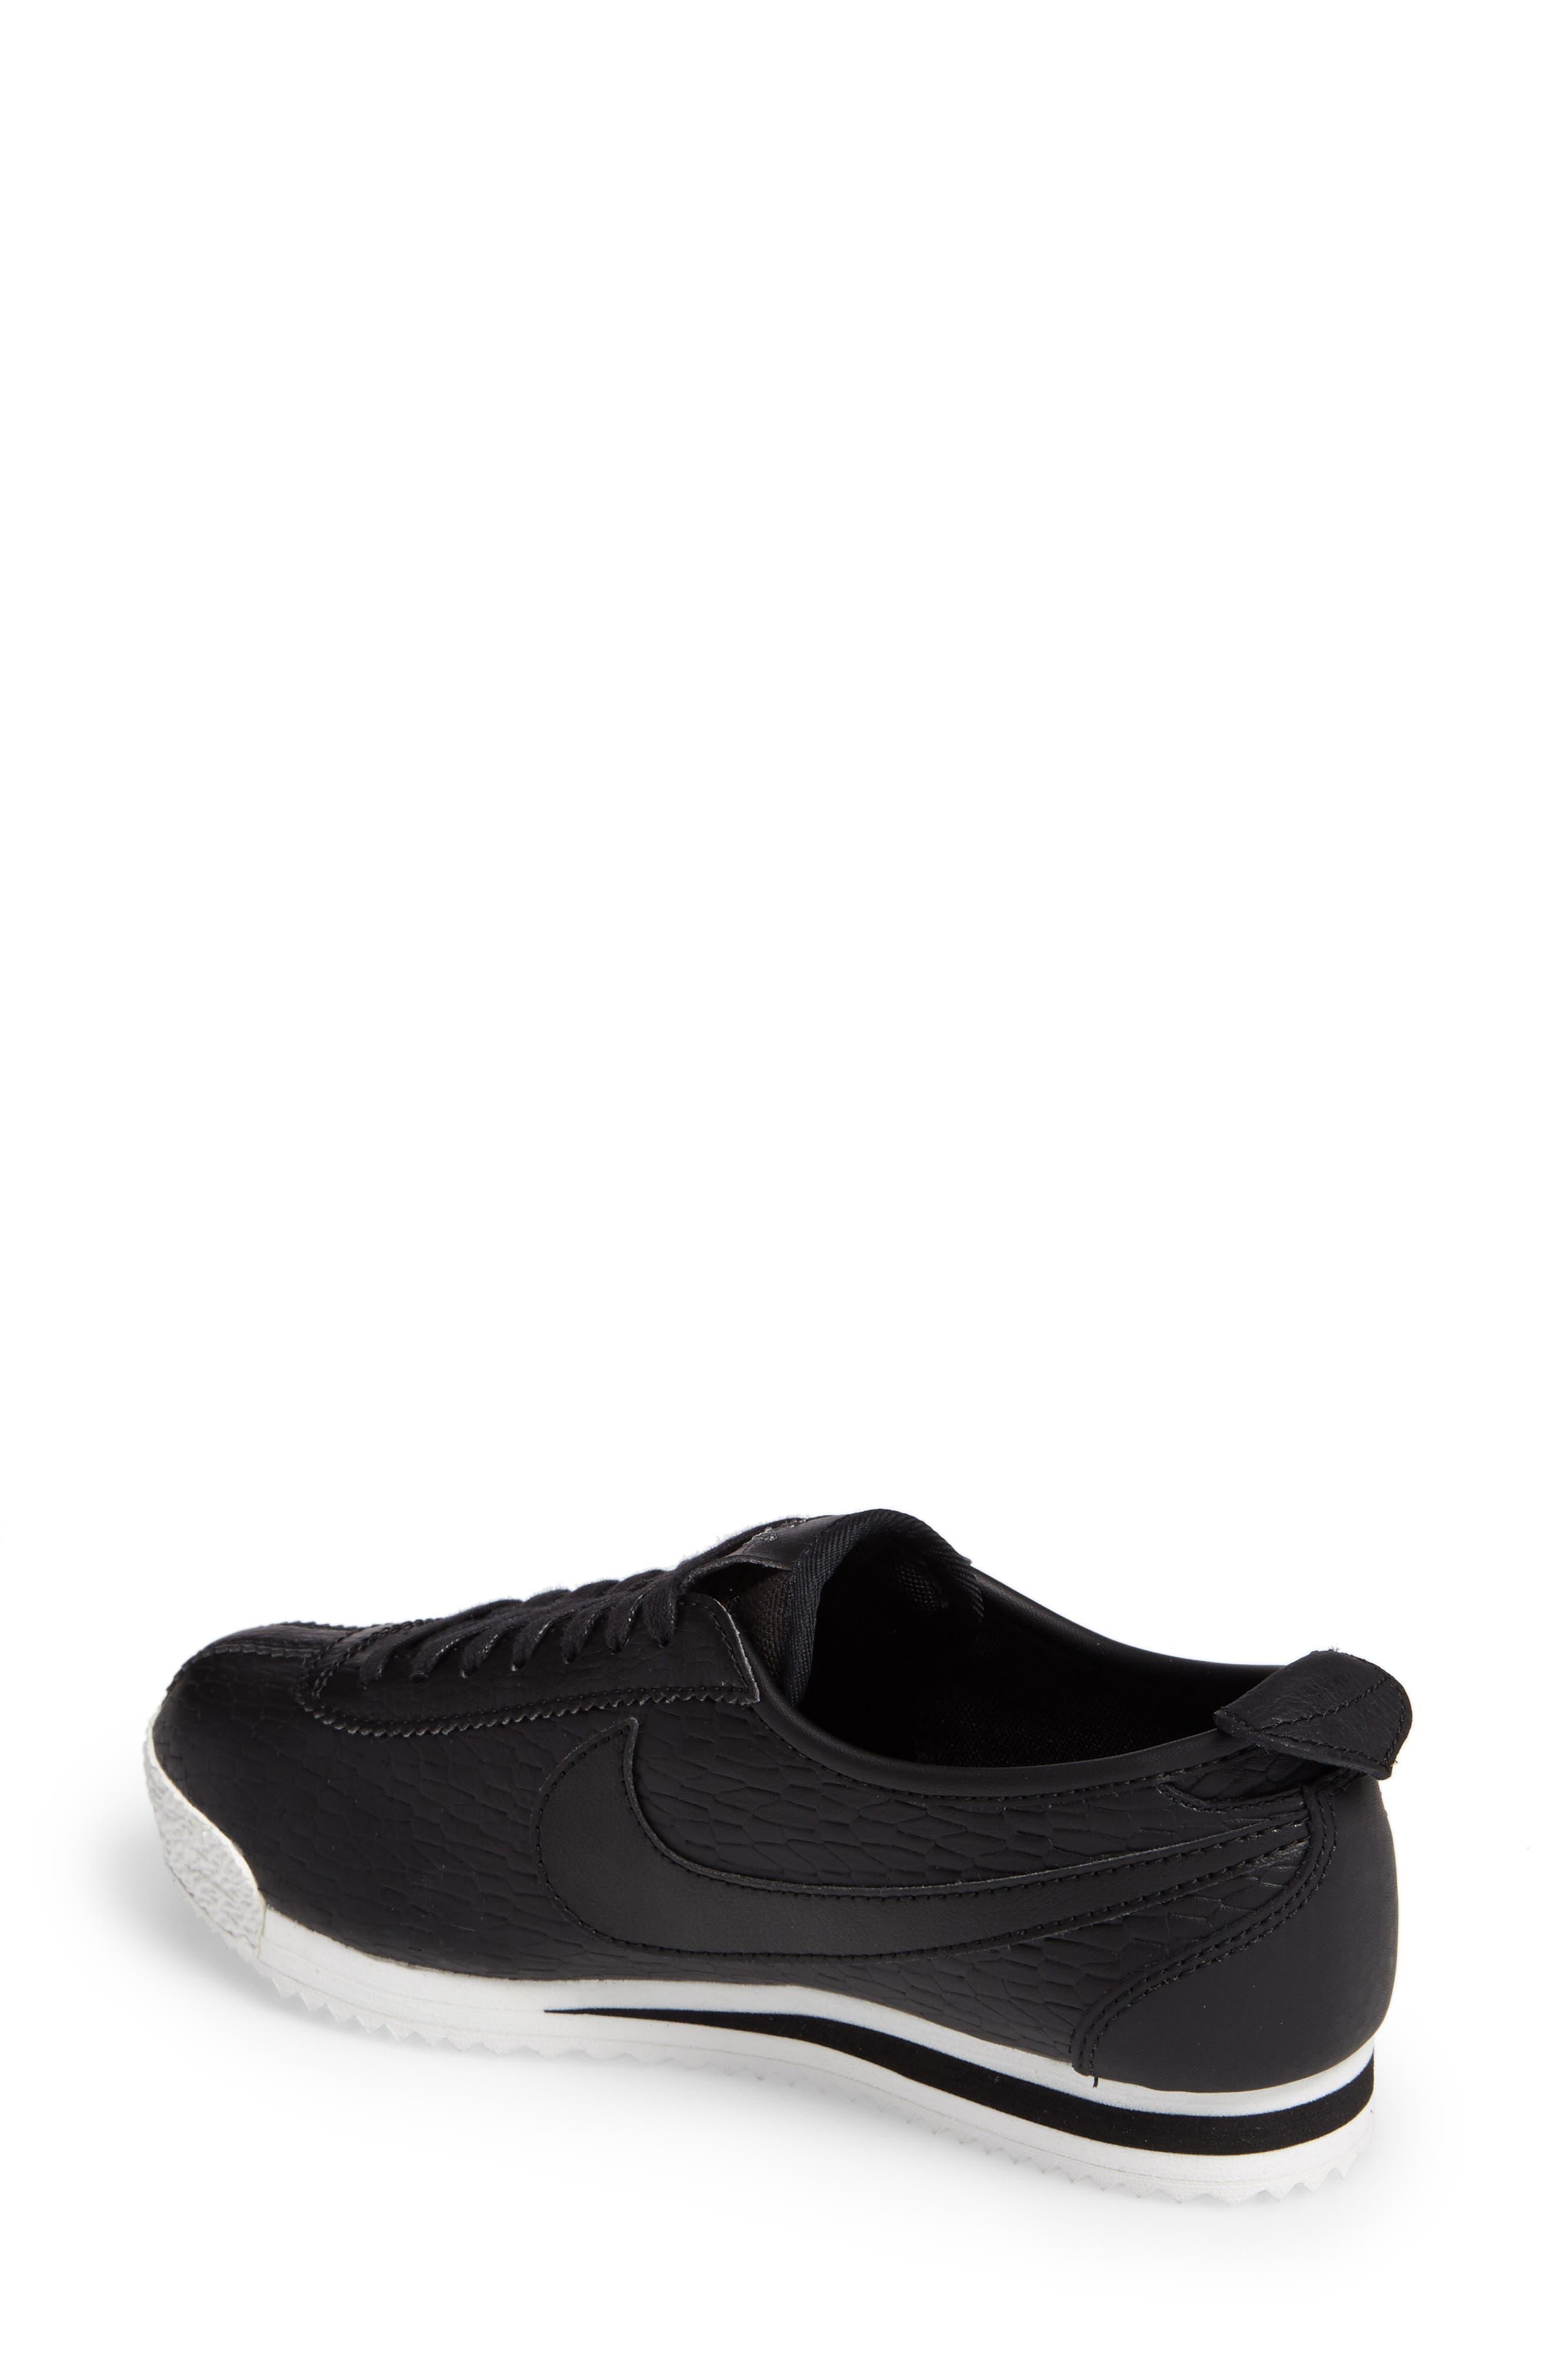 Cortez '72 Sneaker,                             Alternate thumbnail 7, color,